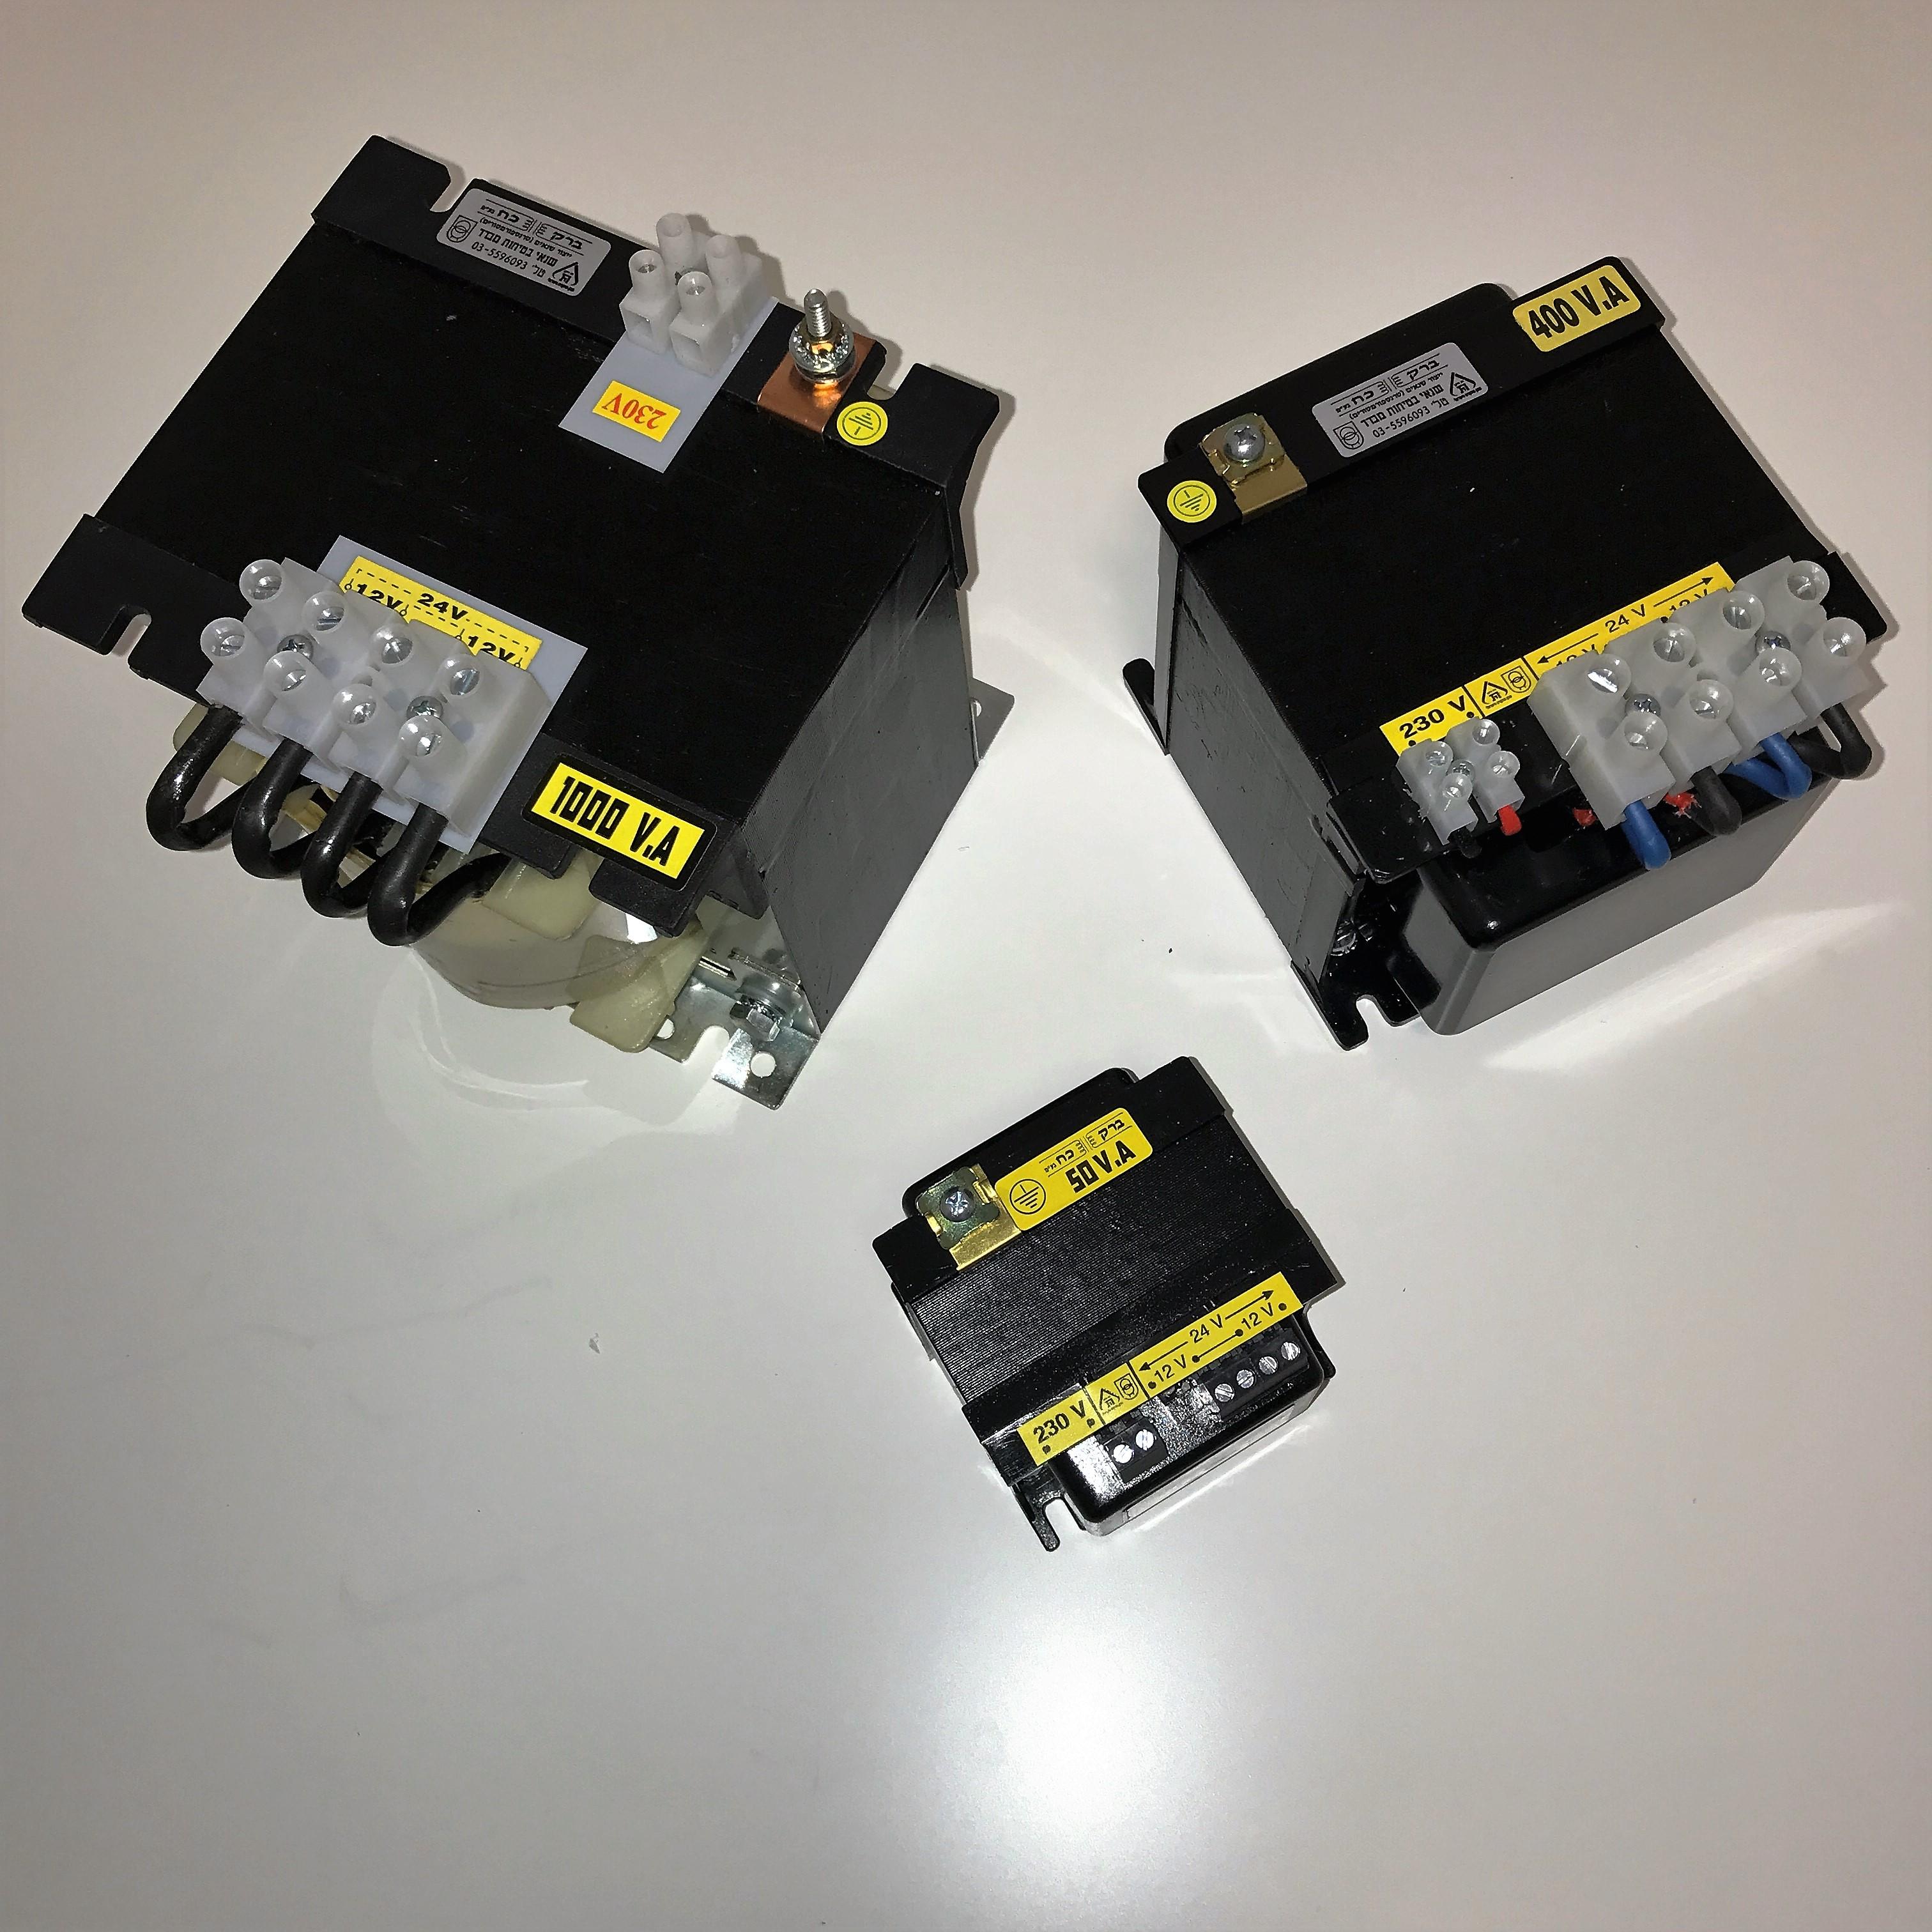 שנאי מבדל בהספק 7000VA במתחים 230V-12V